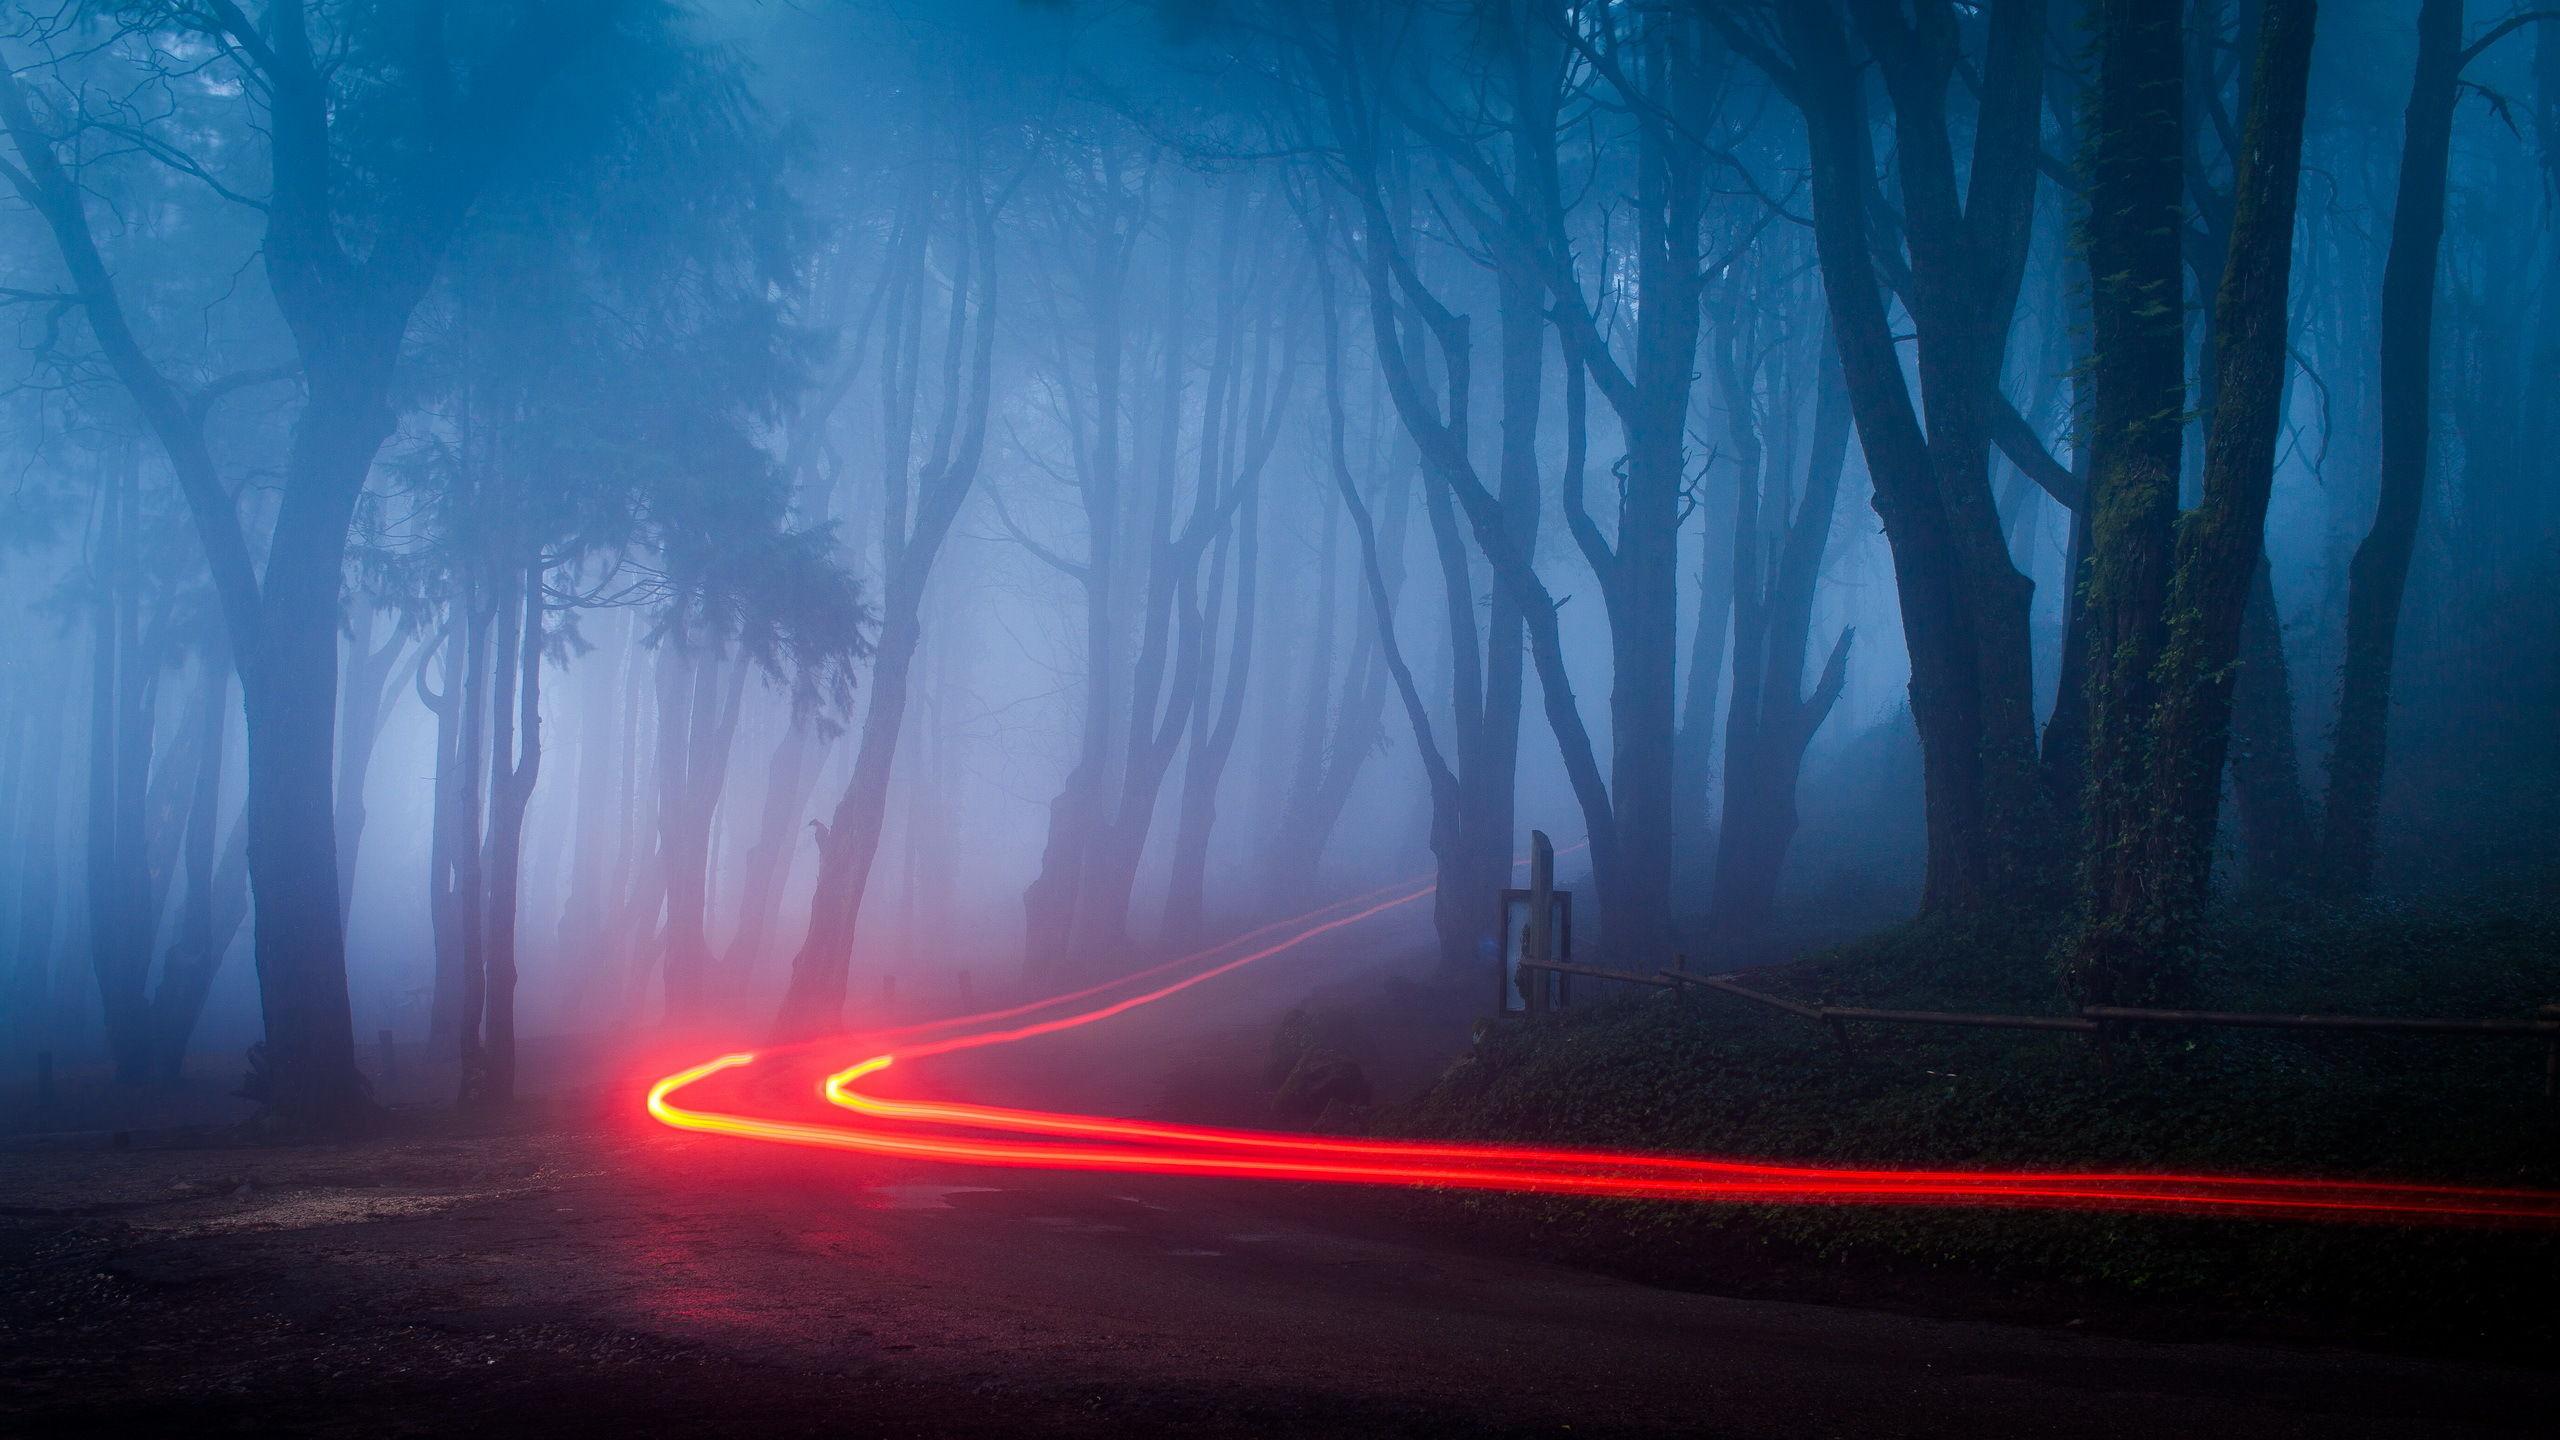 Acabas de ver un flash de una luz roja, ¿qué crees que es?